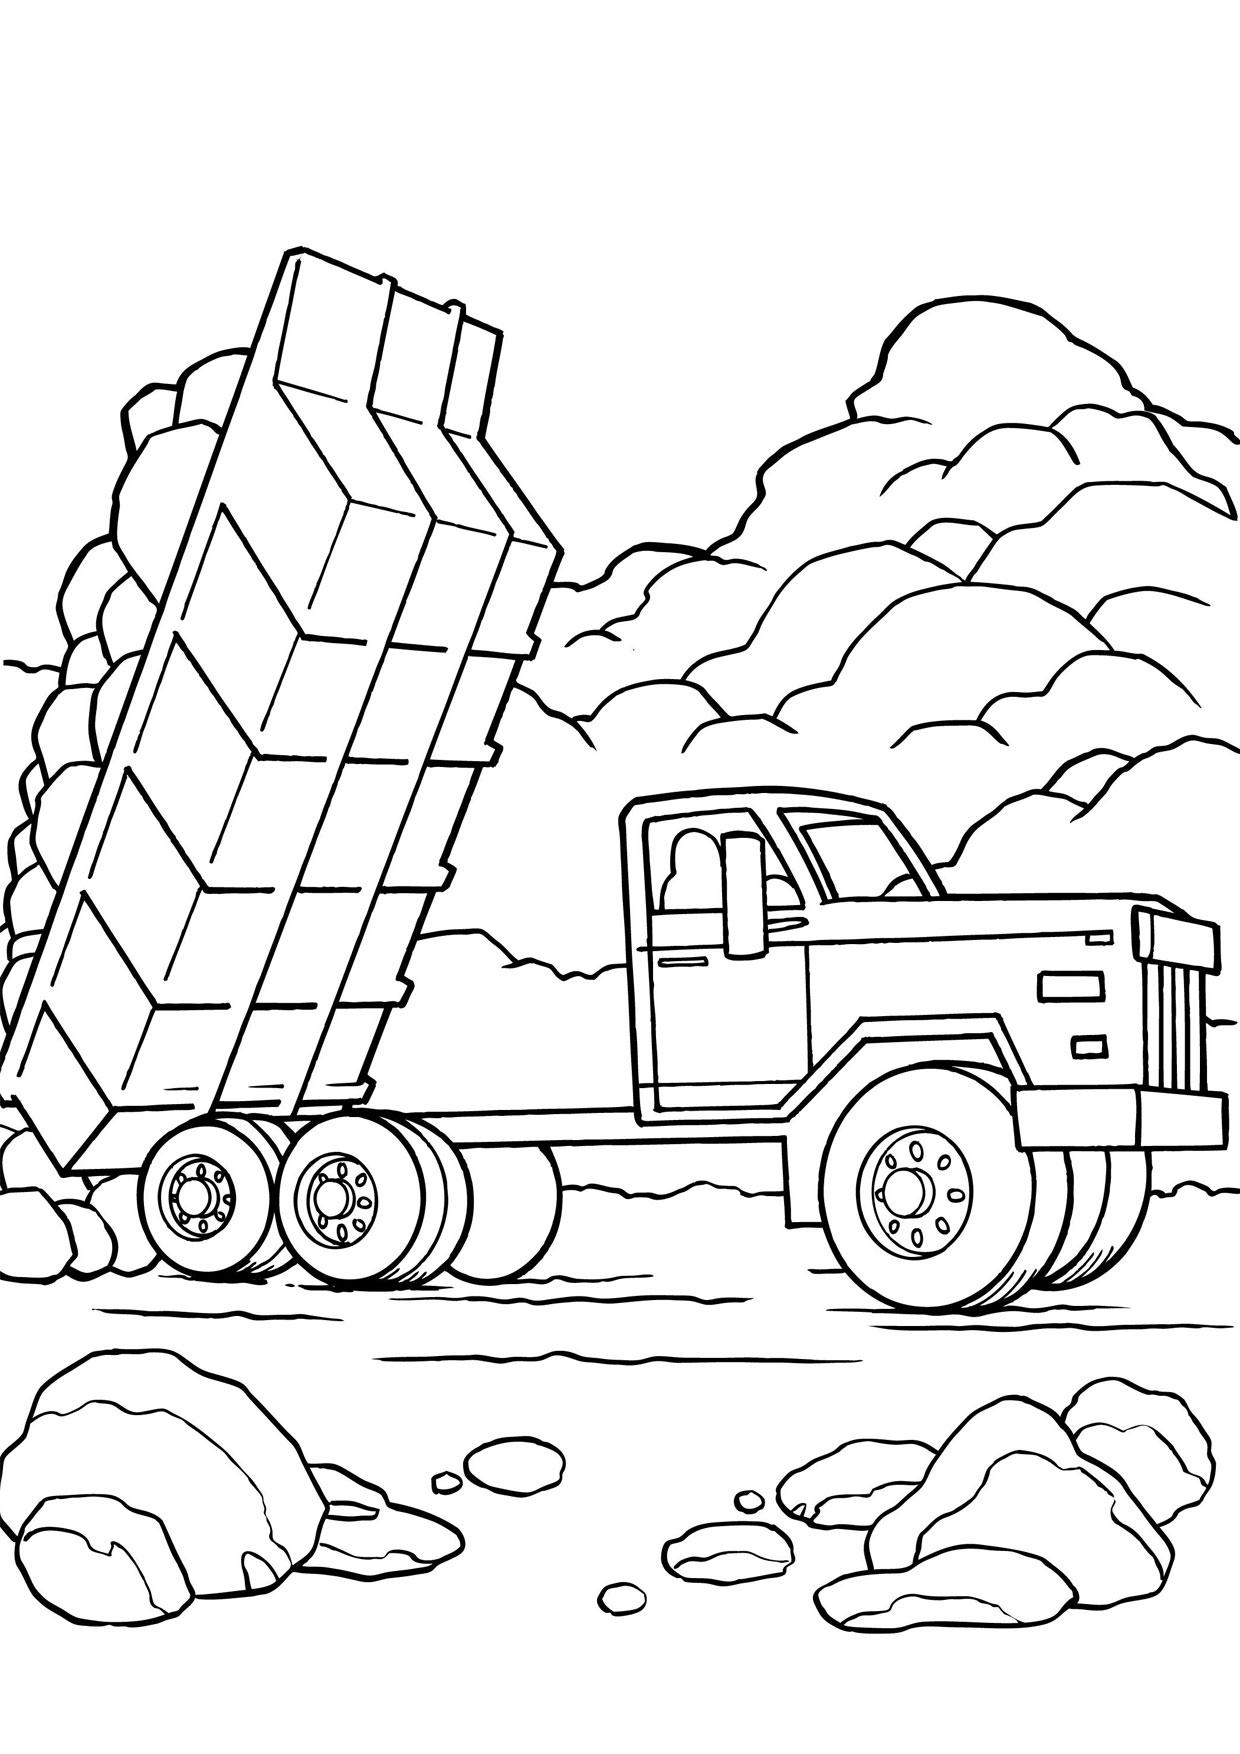 Disegno di camion da colorare 23